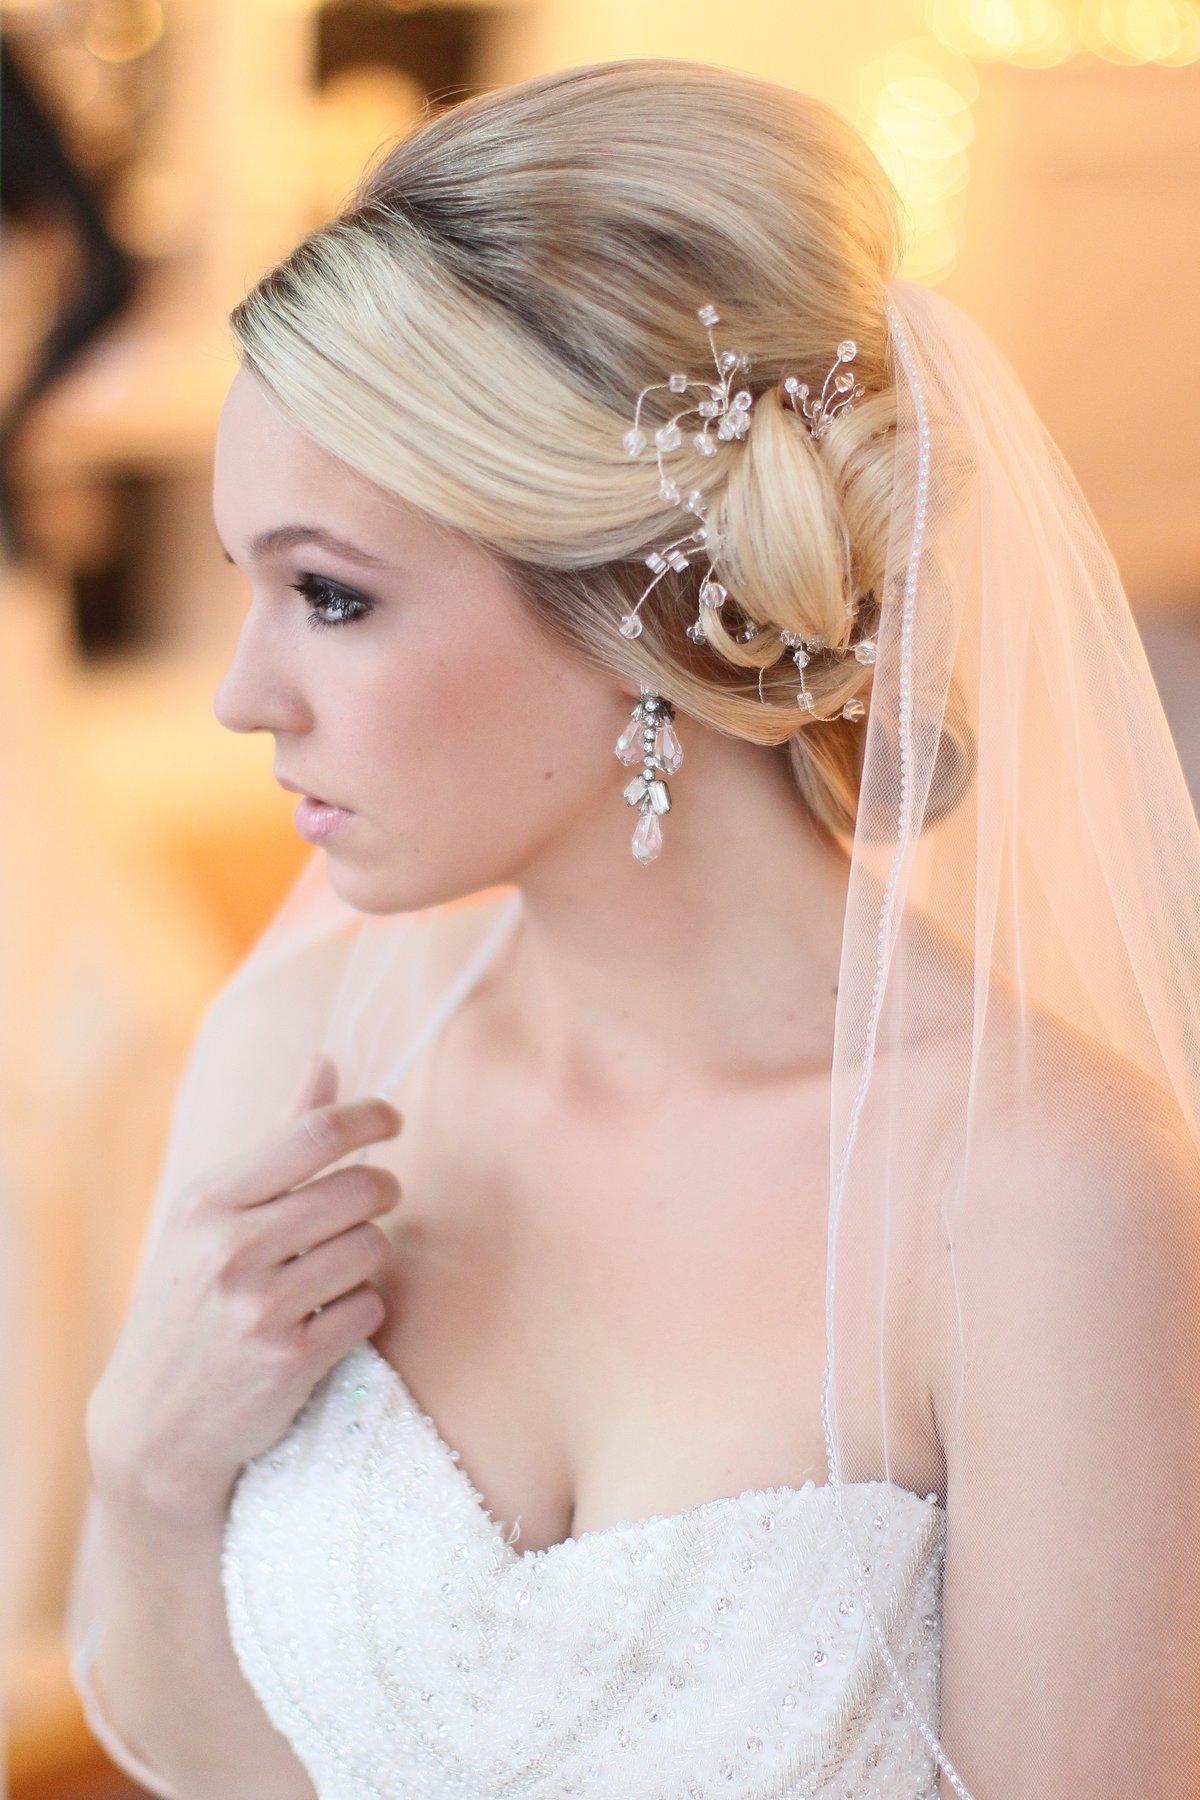 Свадебные причёски на средние волосы с фатой 2016 фото новинки